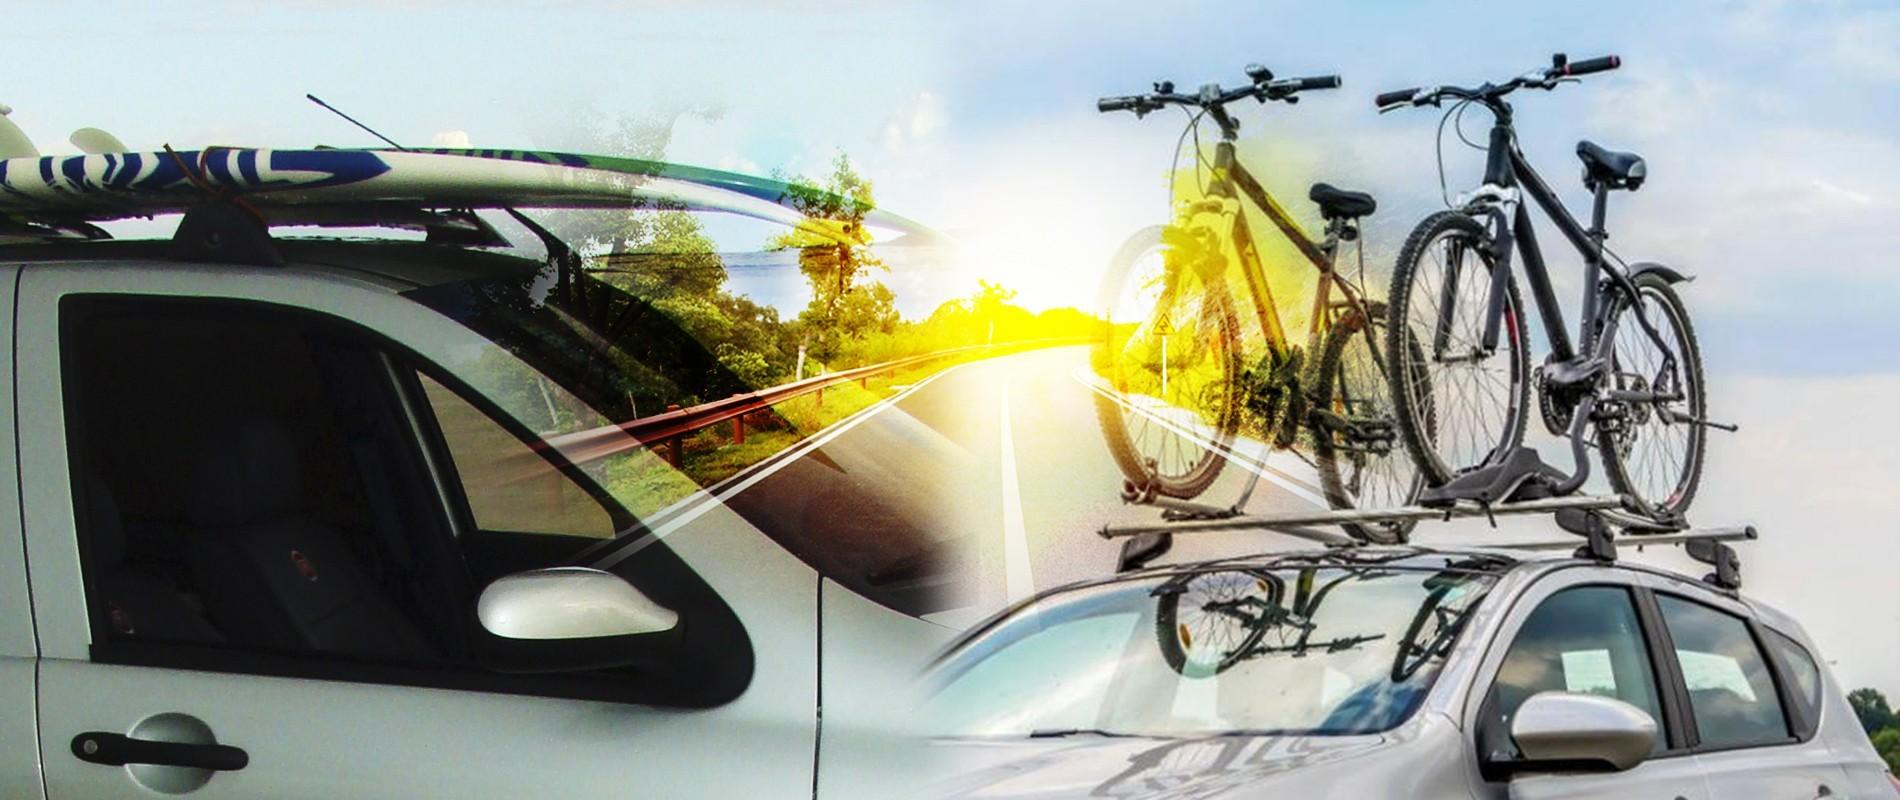 Detran Pranchas-Bicicletas